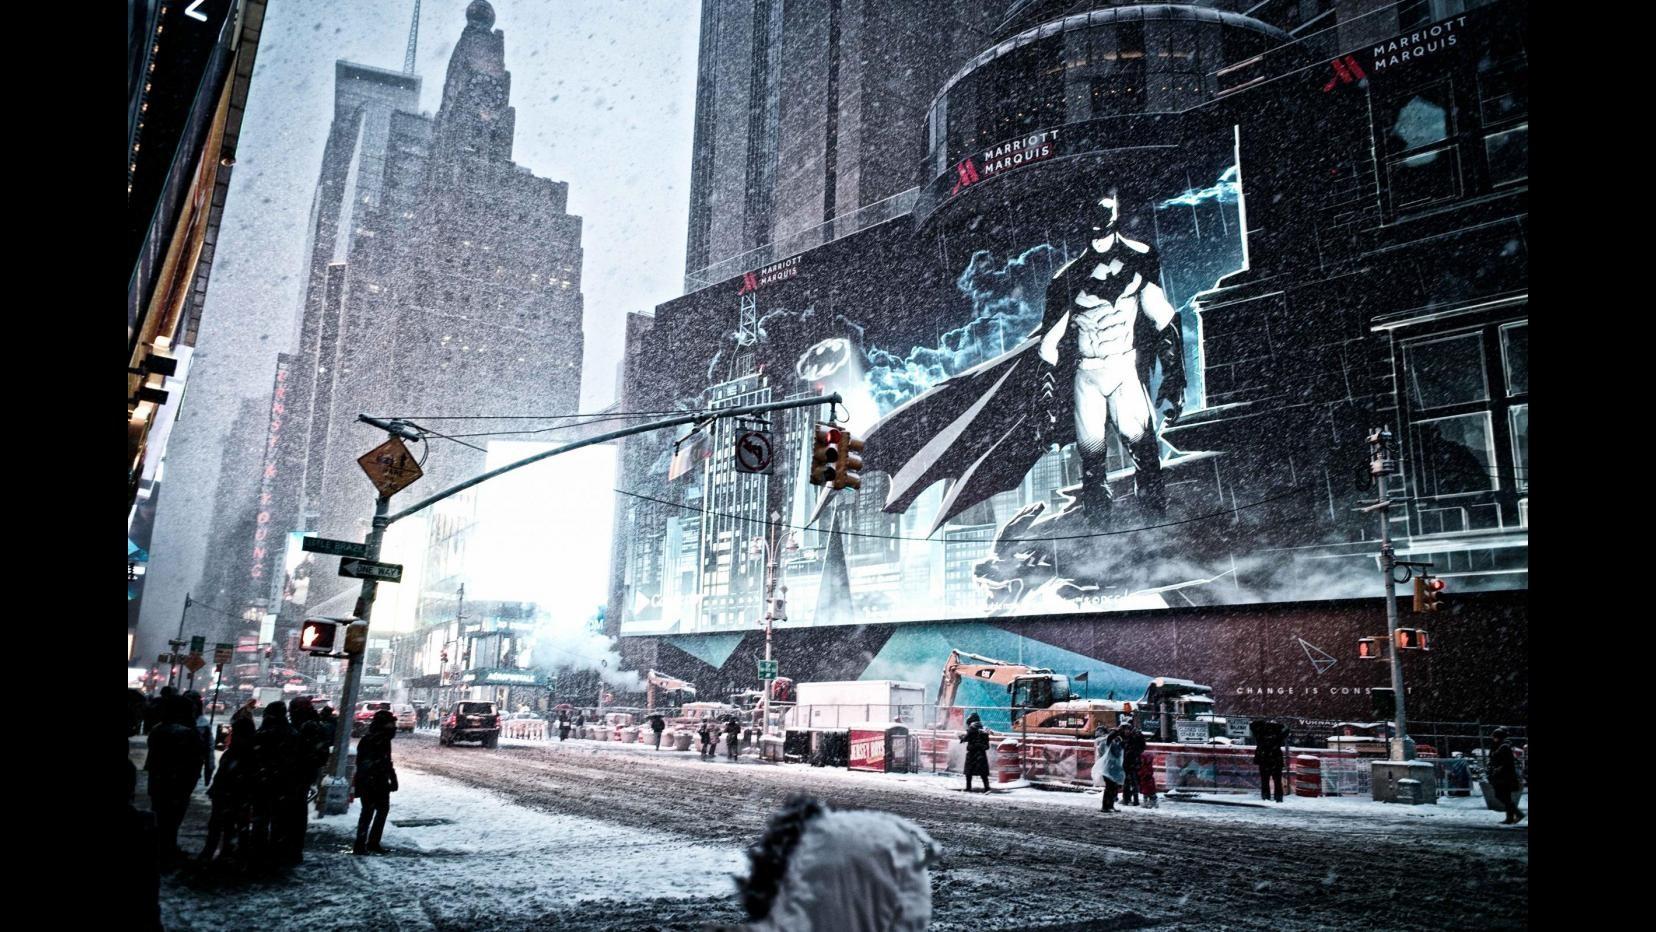 New York bloccata sotto la neveTutto chiuso, anche Palazzo Onu